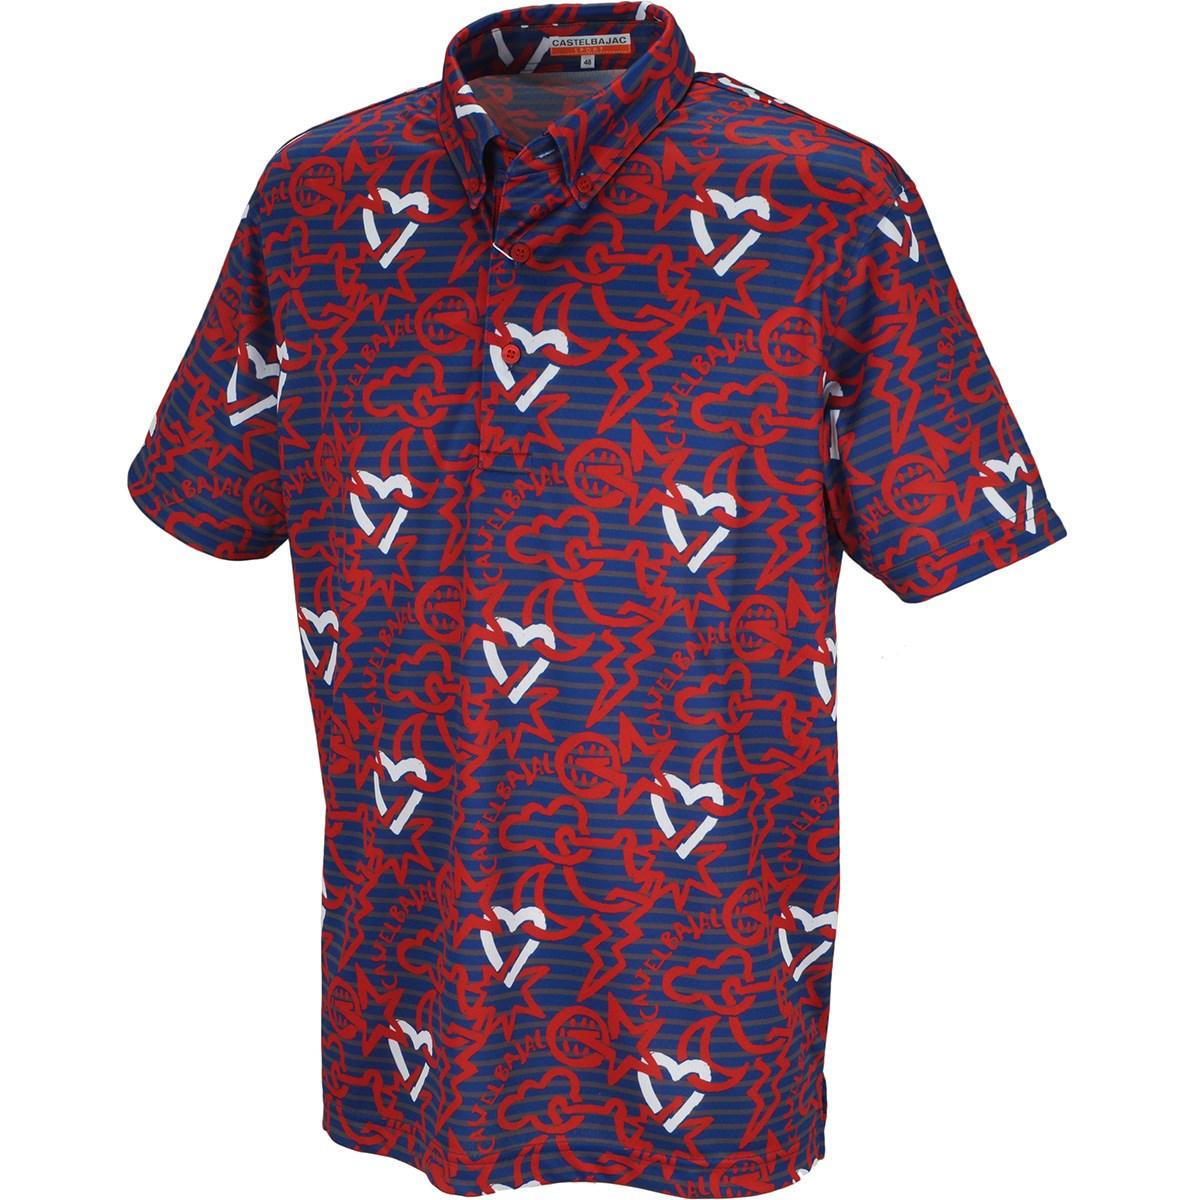 カステルバジャック 半袖ポロシャツ